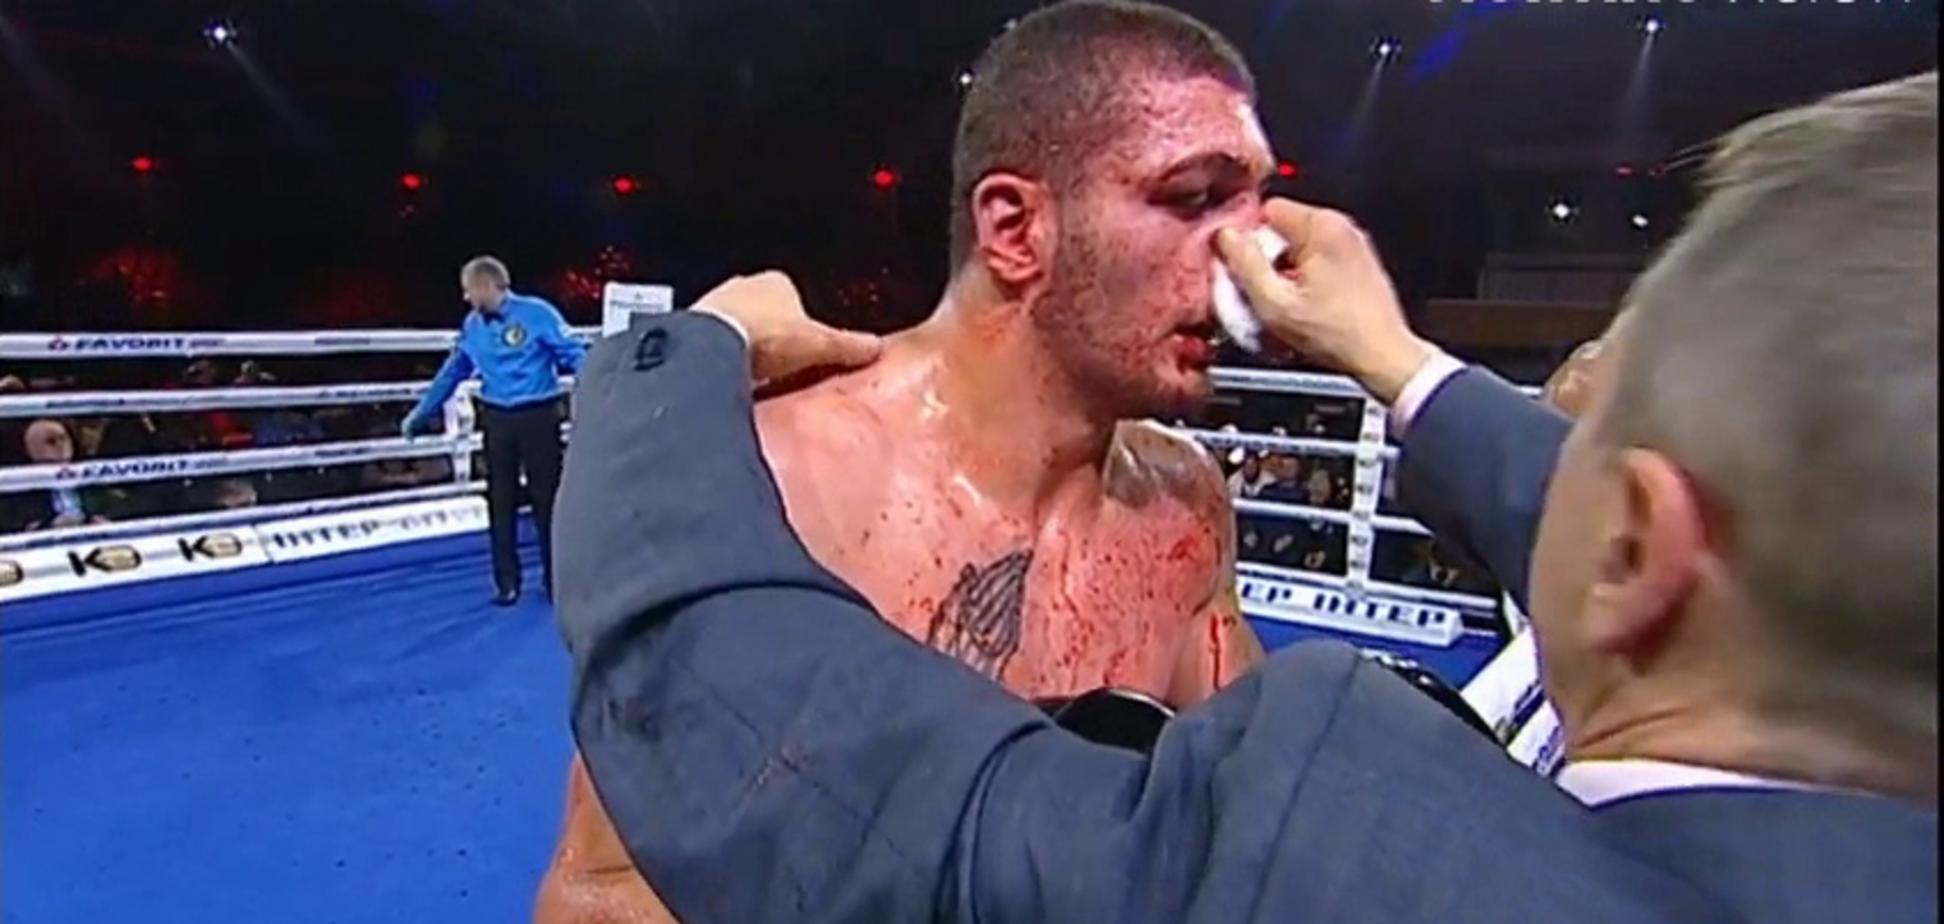 Знаменитый украинский боксер победил кровавым нокаутом - опубликовано видео